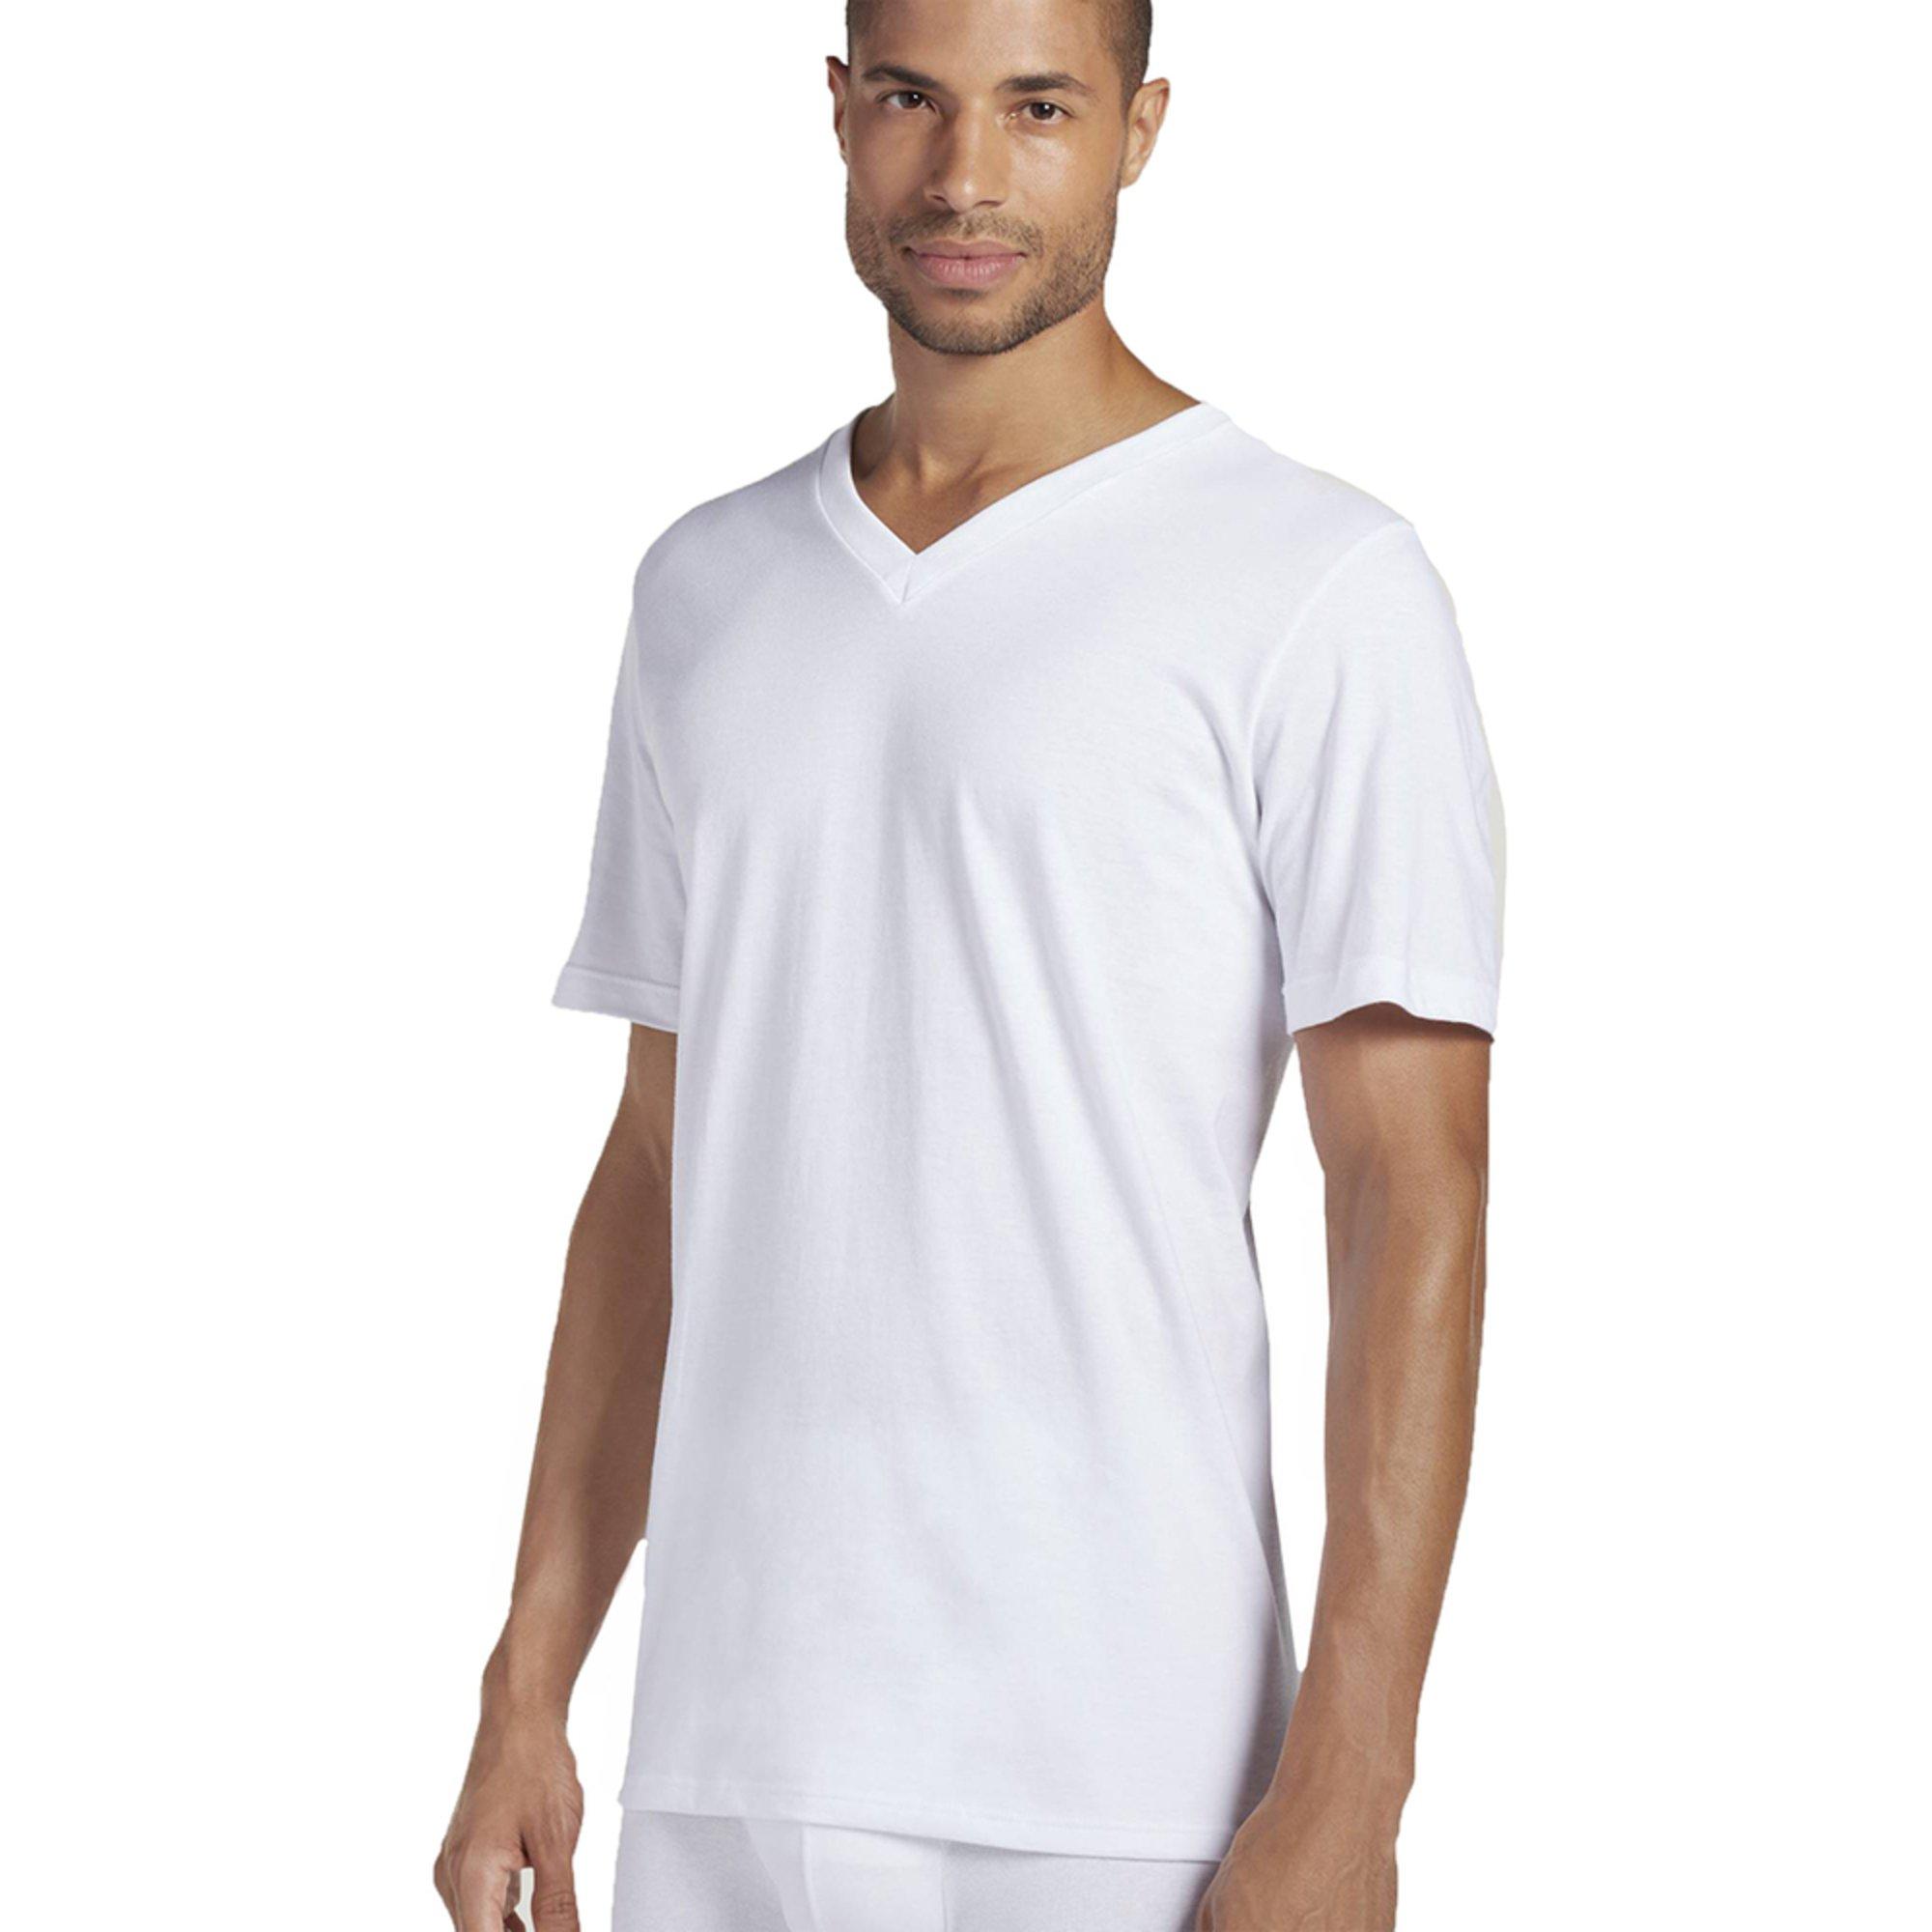 Jockey men 39 s v neck t shirt 3 pack white men 39 s for Jockey v neck shirt